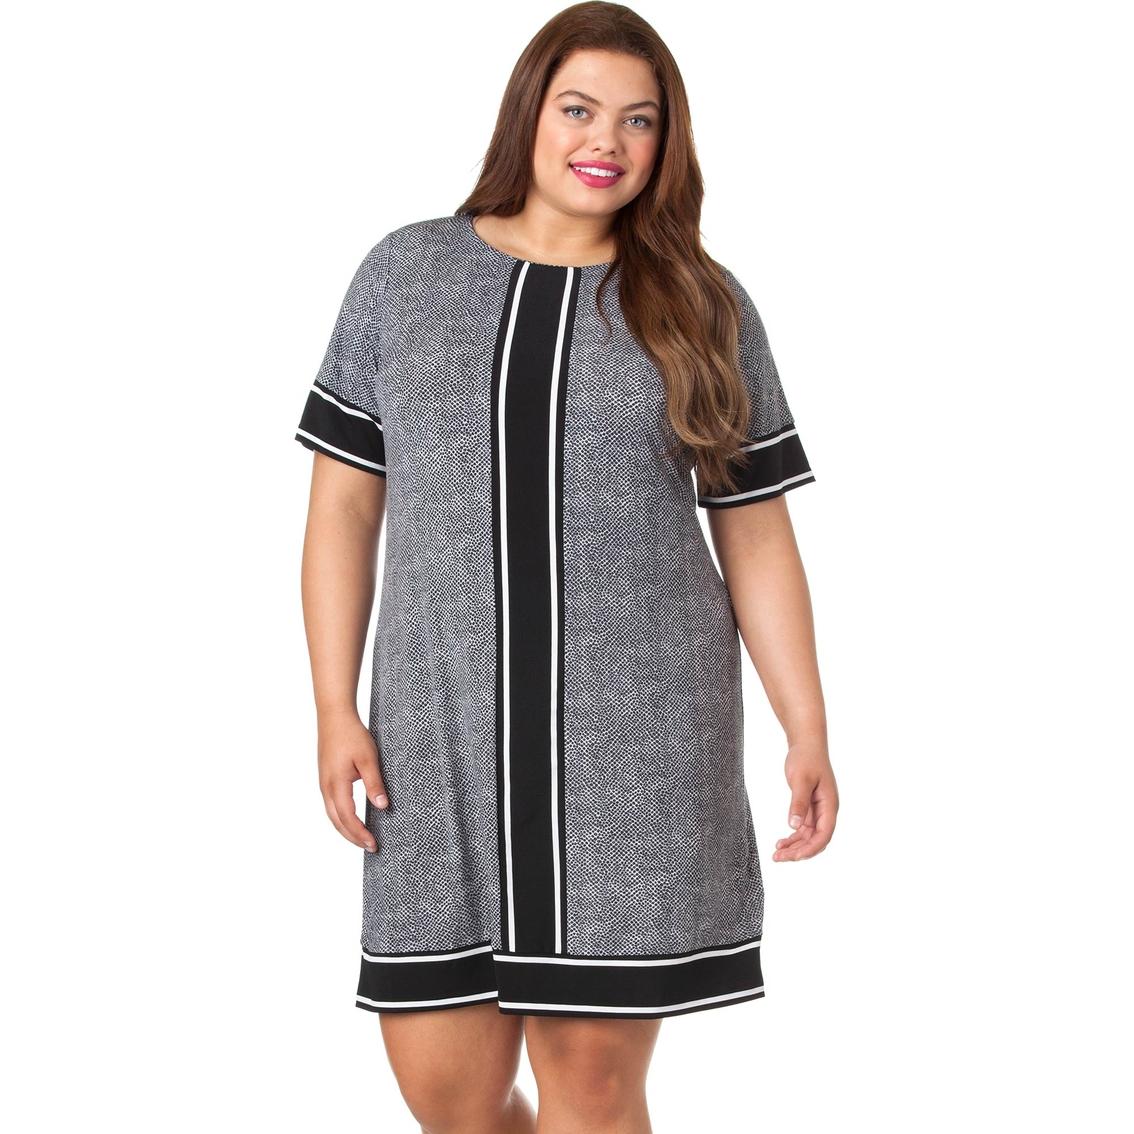 355d0e5b82c Michael Kors Plus Size Stingray Border Dress